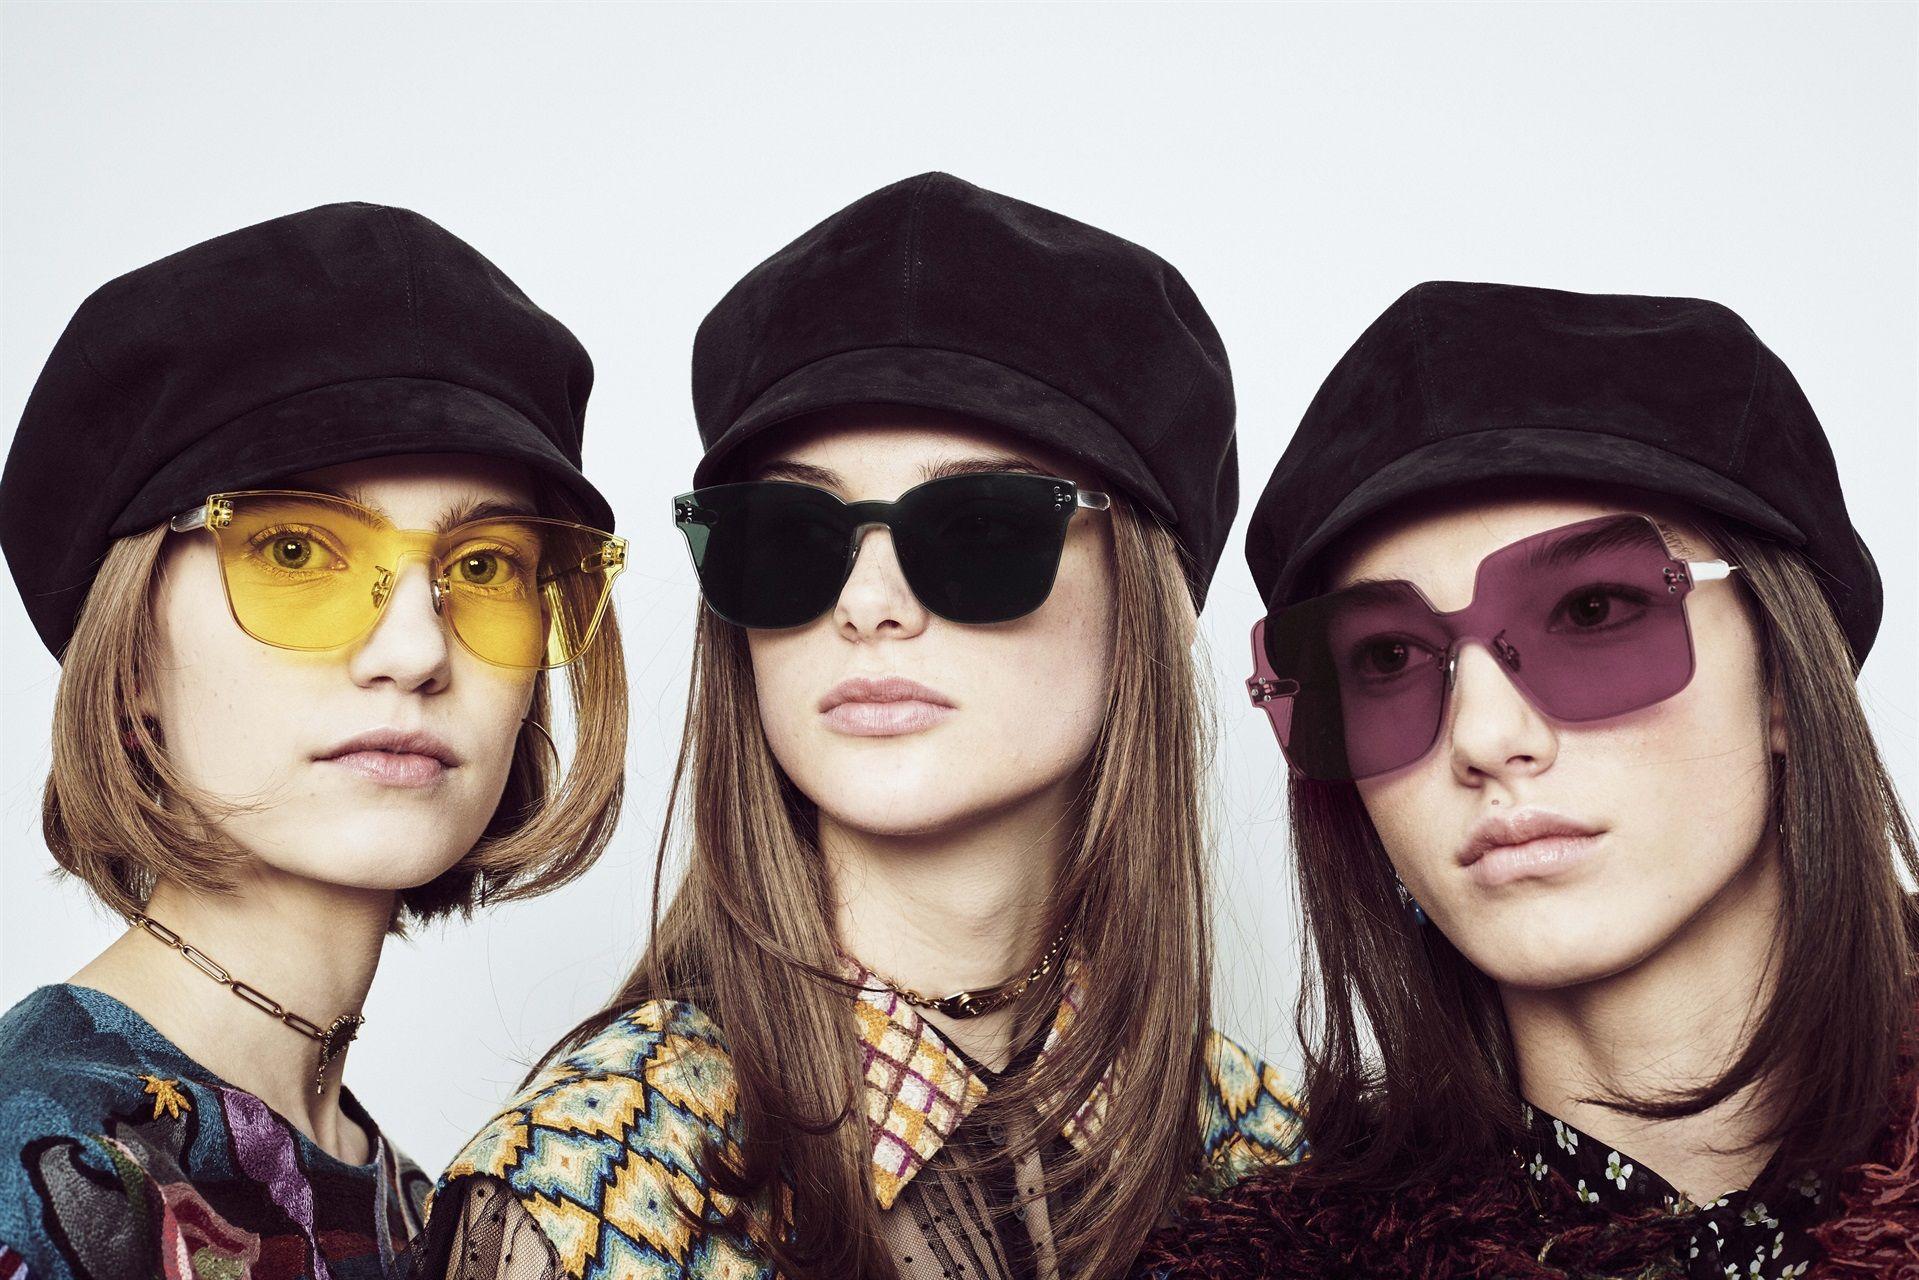 economico per lo sconto 70052 b7d46 DiorColorQuake: i nuovi occhiali da sole firmati Dior ...